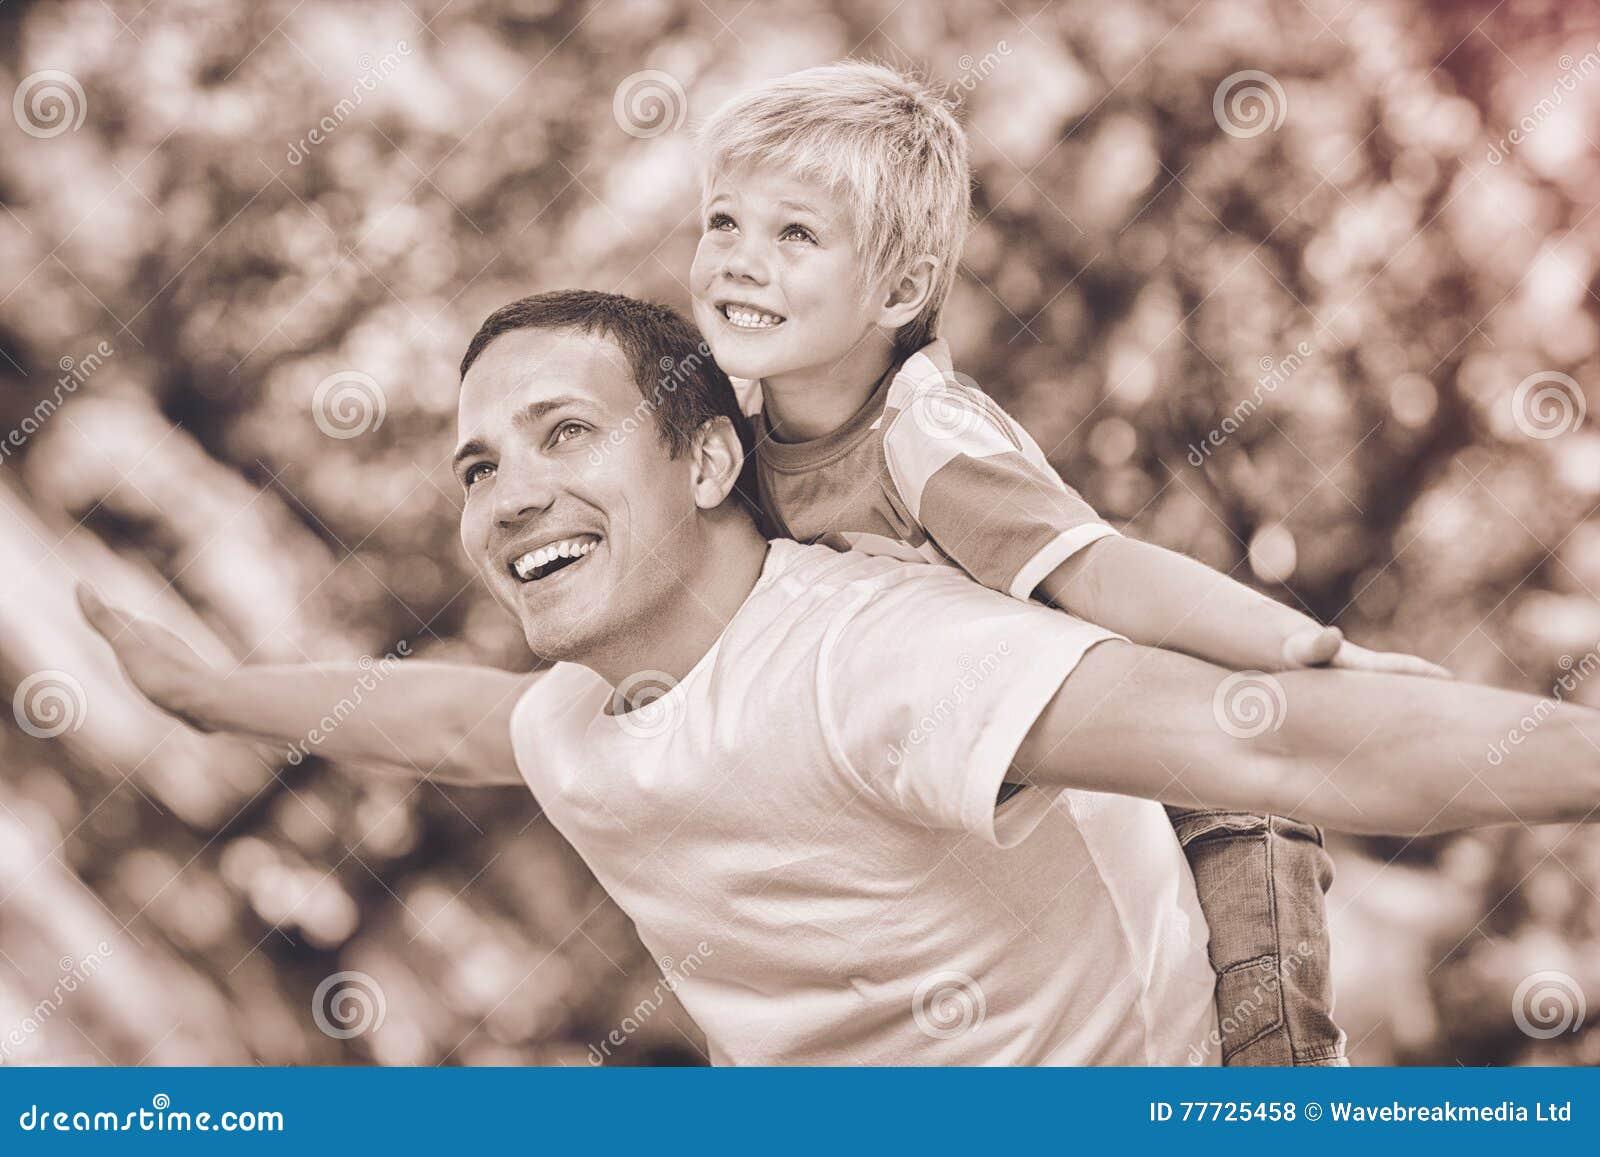 Syn bawić się z jego ojcem w parku podczas lata